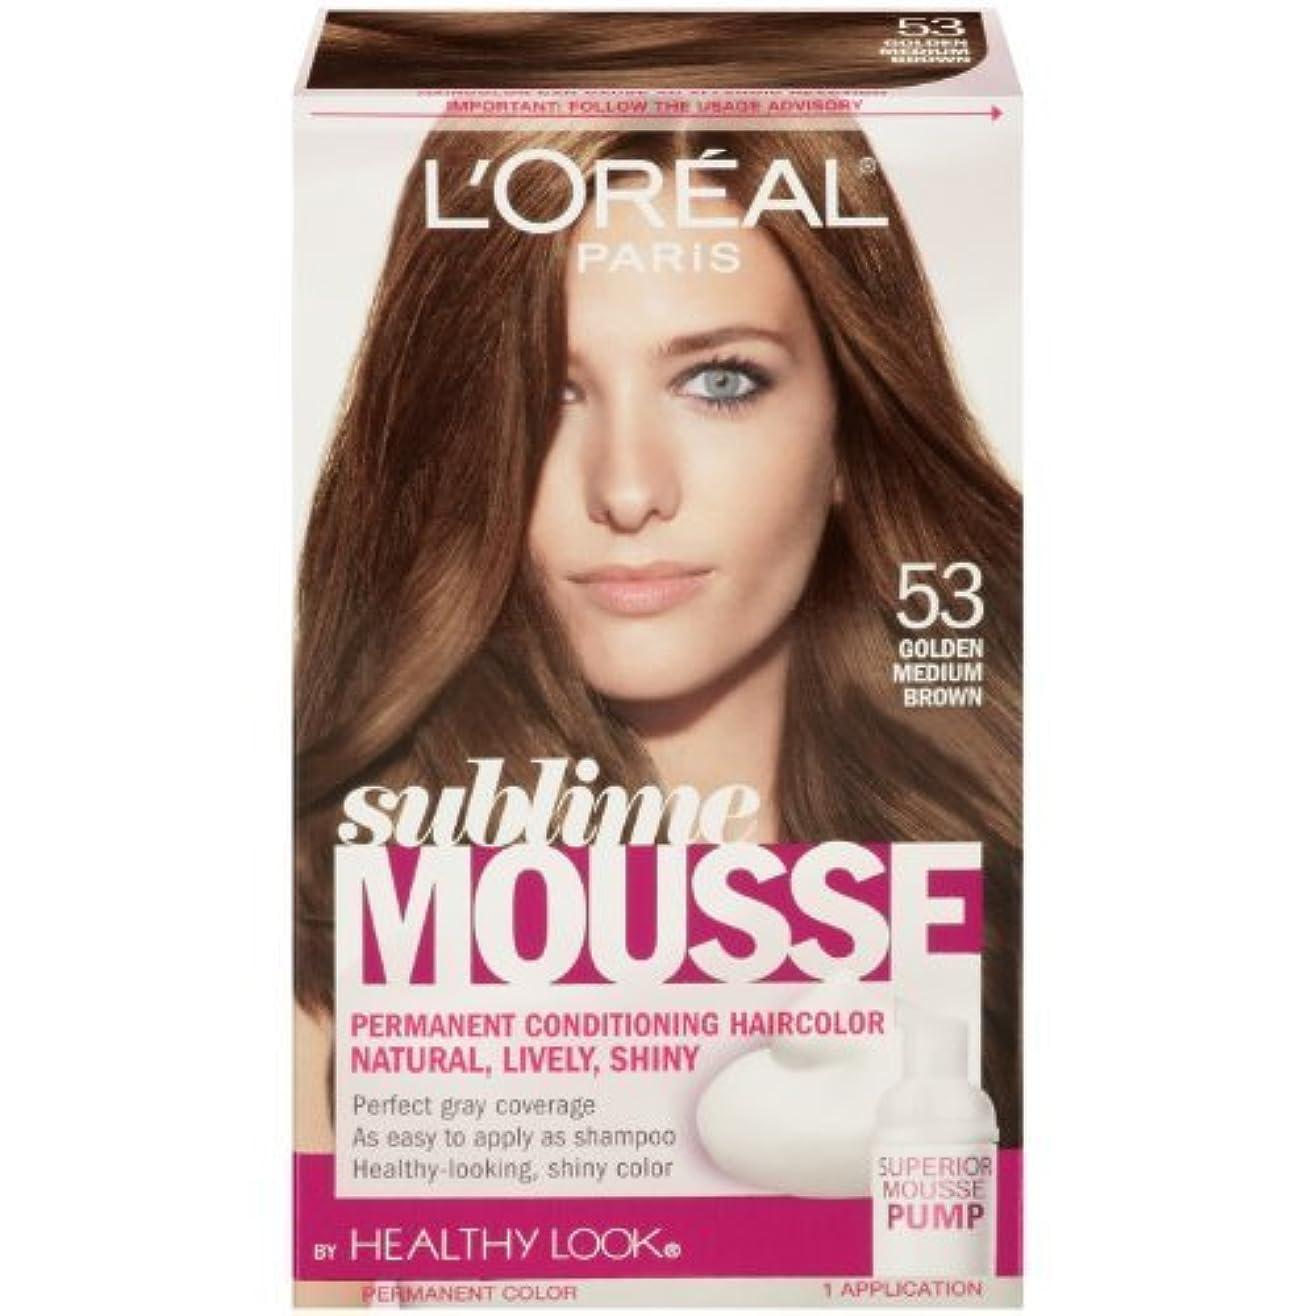 扱う非難するオッズL'Oreal Paris Sublime Mousse by Healthy Look Hair Color, 53 Golden Medium Brown by SUBLIME MOUSSE [並行輸入品]